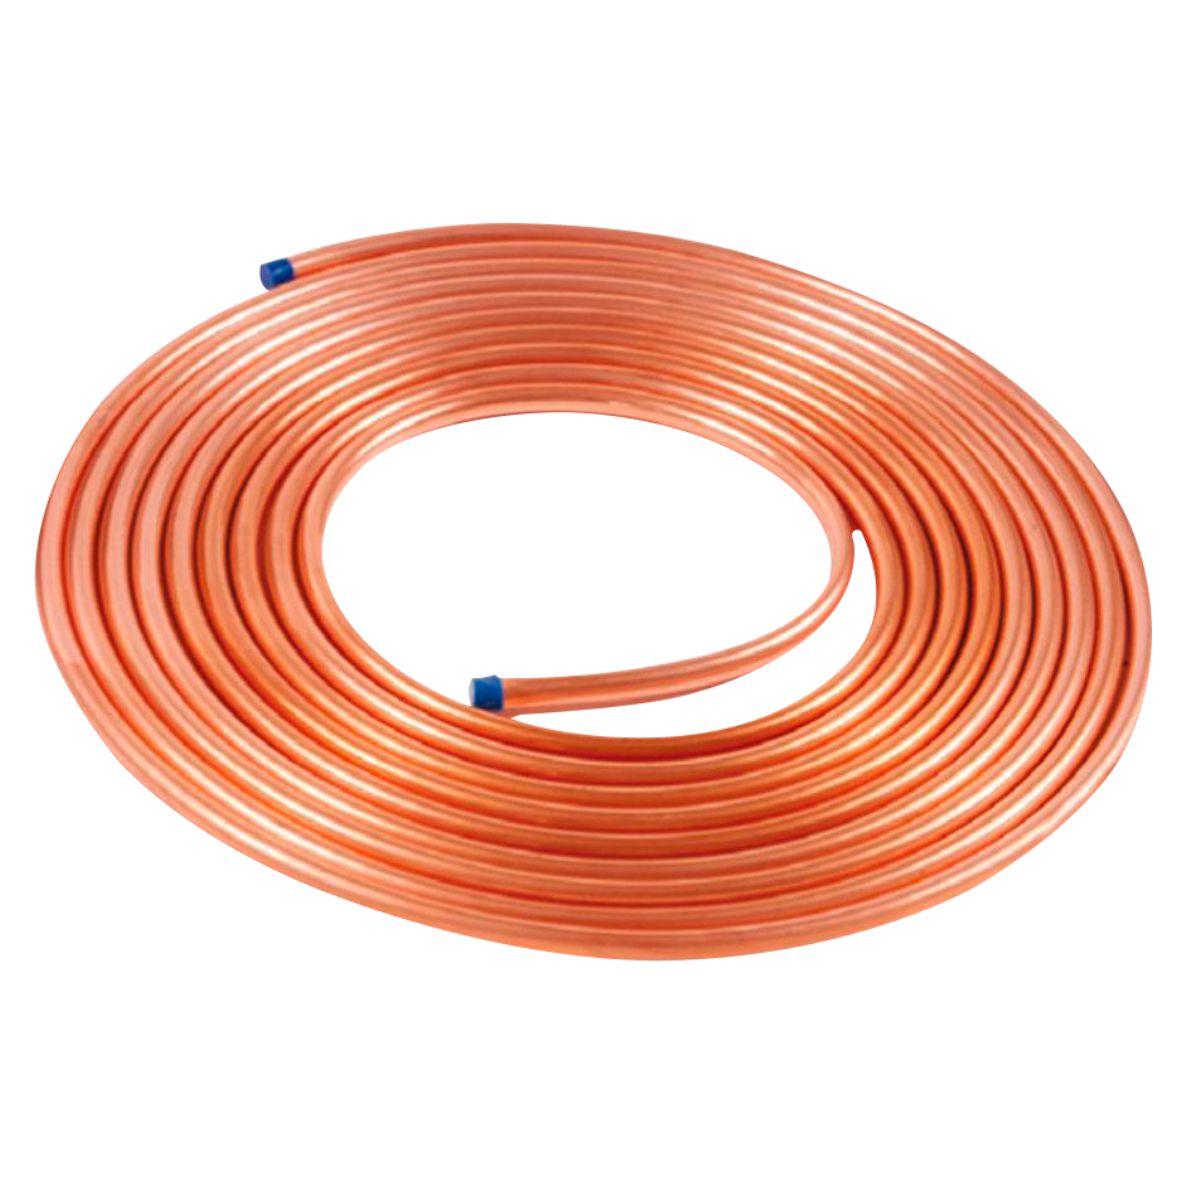 Tubo de cobre 5/8 flexível Bobina Contínua 0,337GR p/ metro